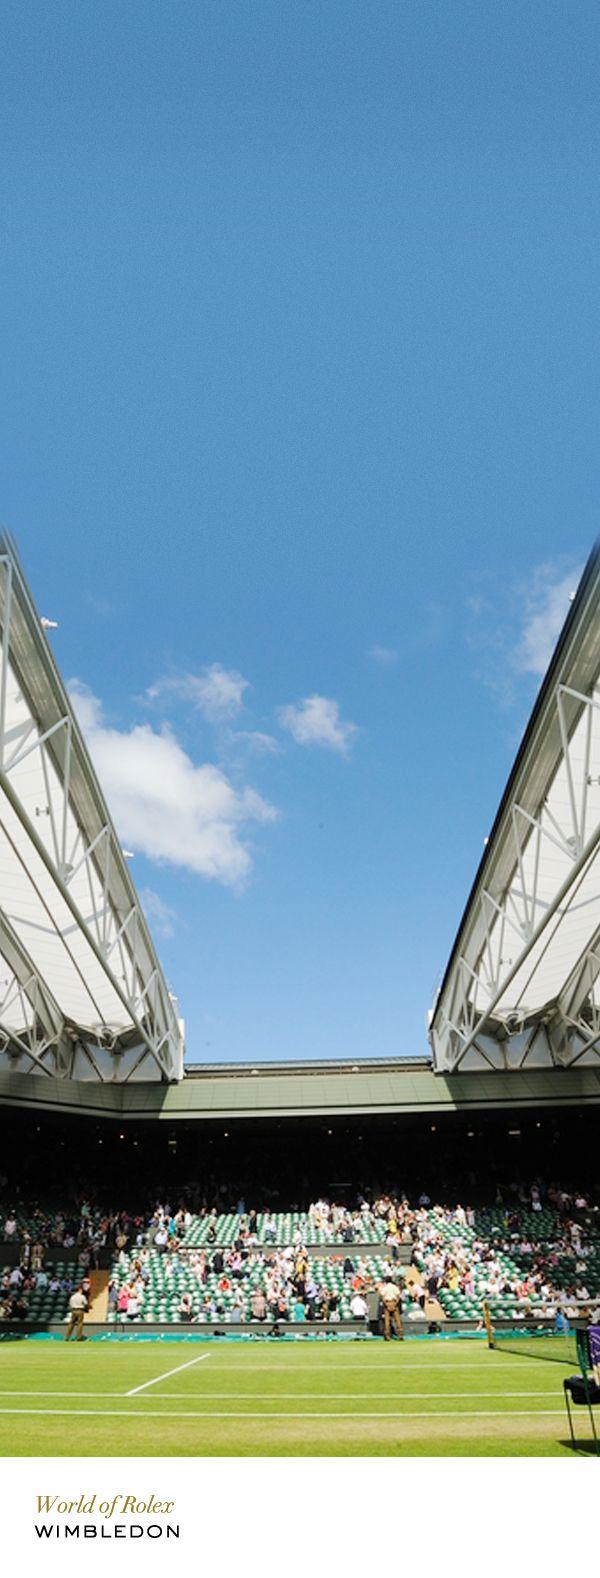 Wimbledon Centre Court retractable roof. #RolexOfficial